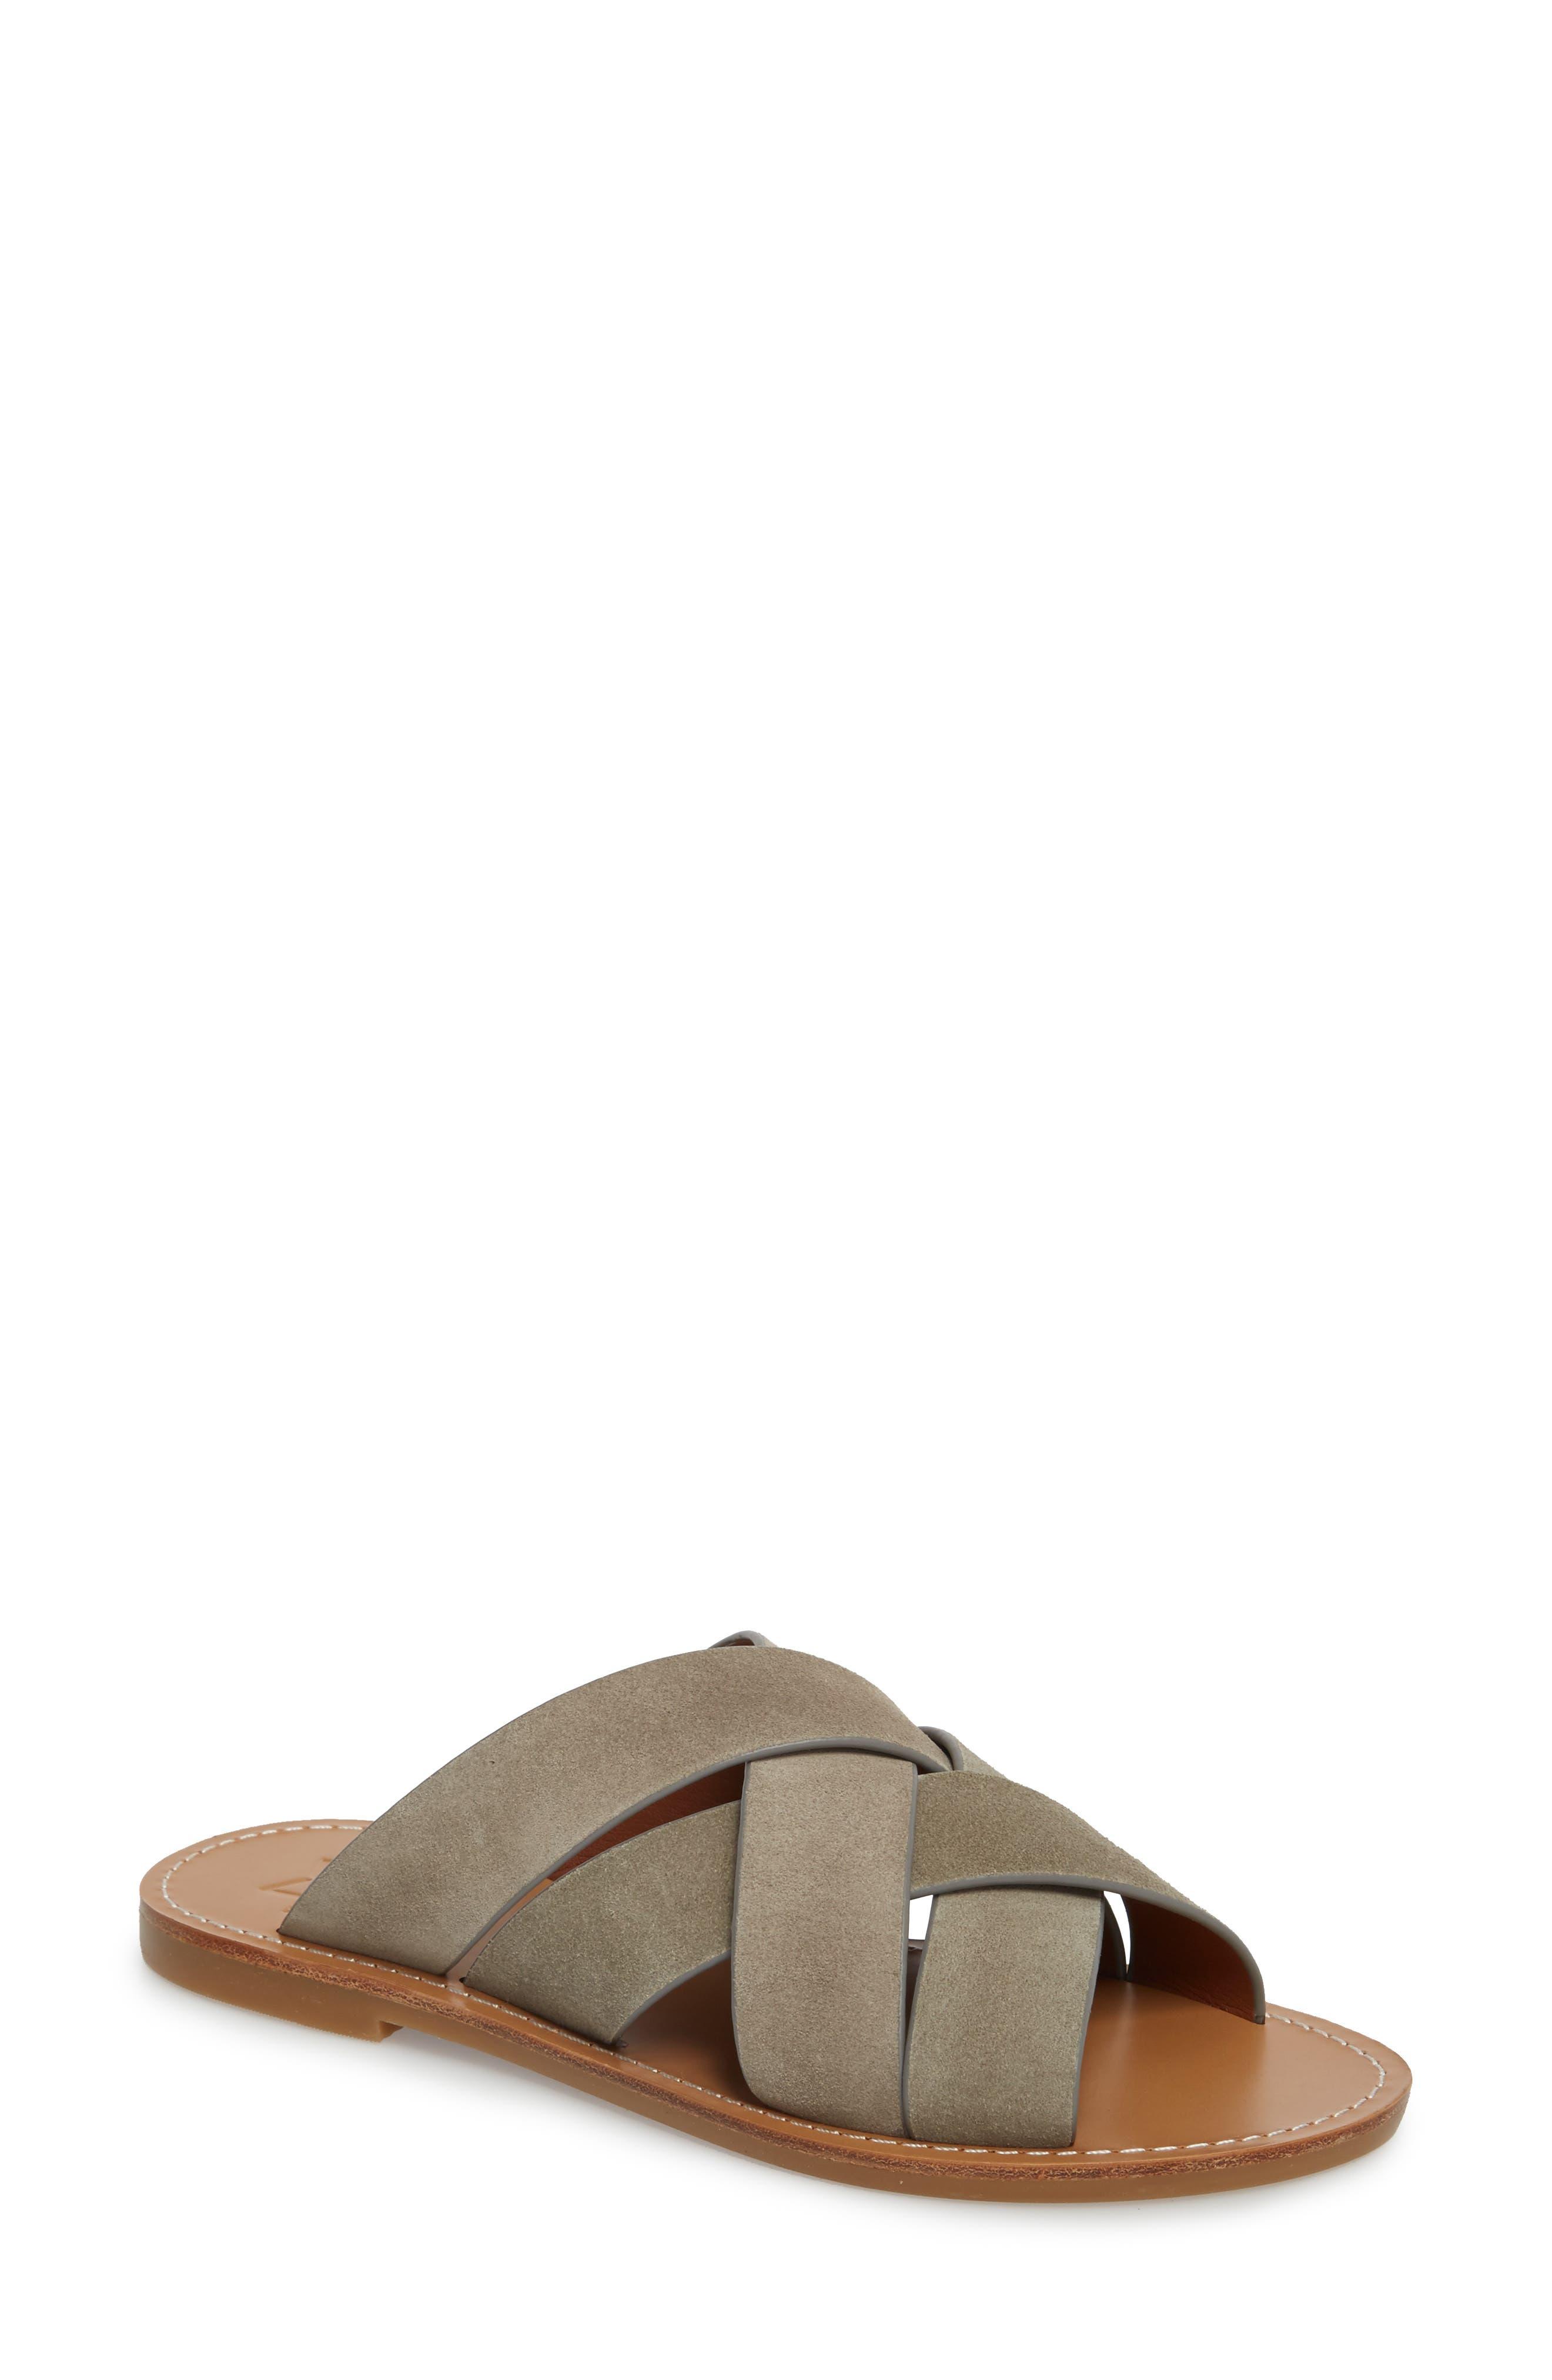 Raida Slide Sandal,                             Main thumbnail 2, color,